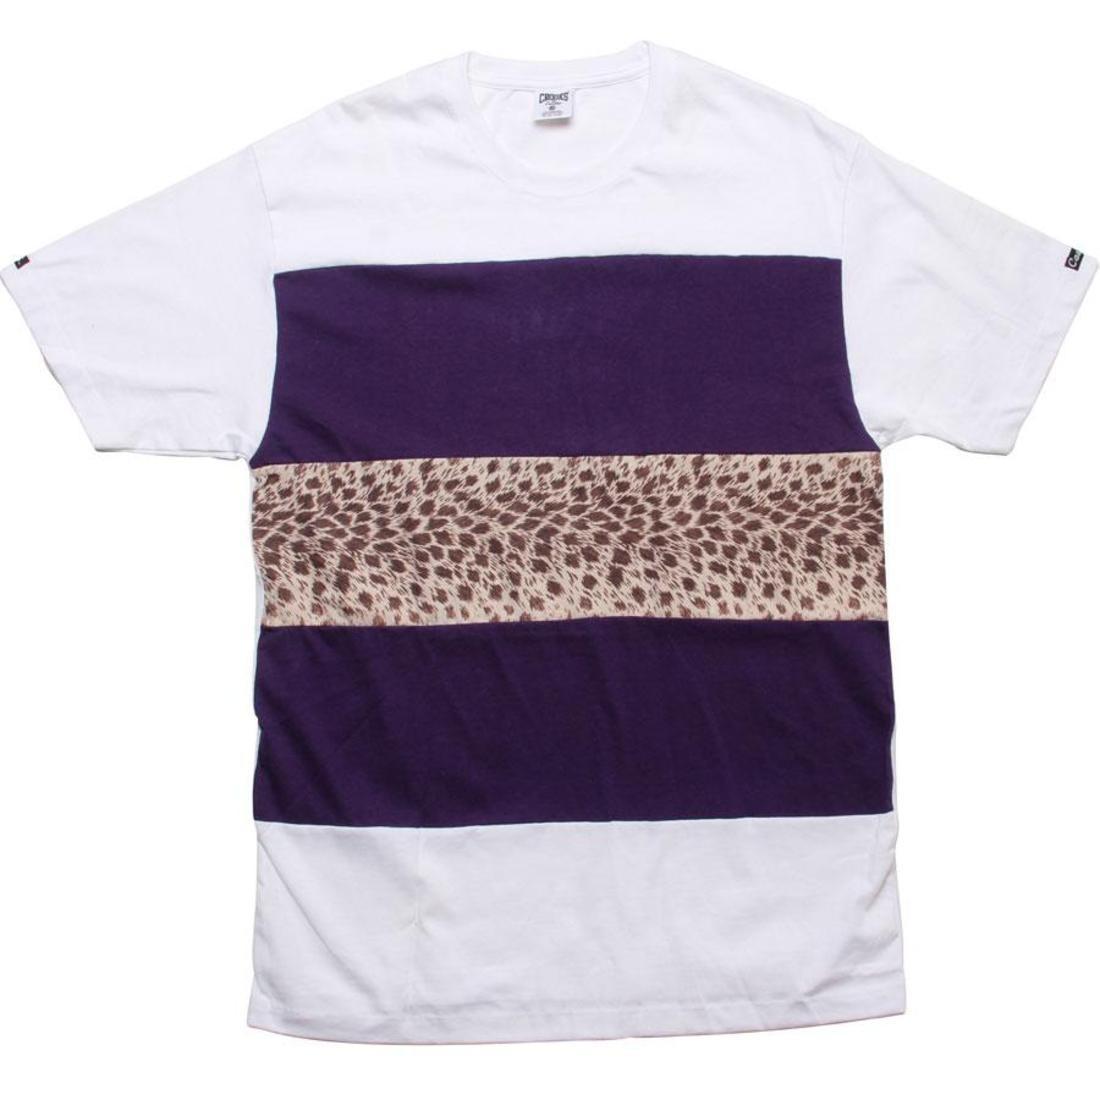 【海外限定】ワイルド ストライプ Tシャツ メンズファッション 【 WILD STRIPE CROOKS AND CASTLES LIFE TEE WHITE 】